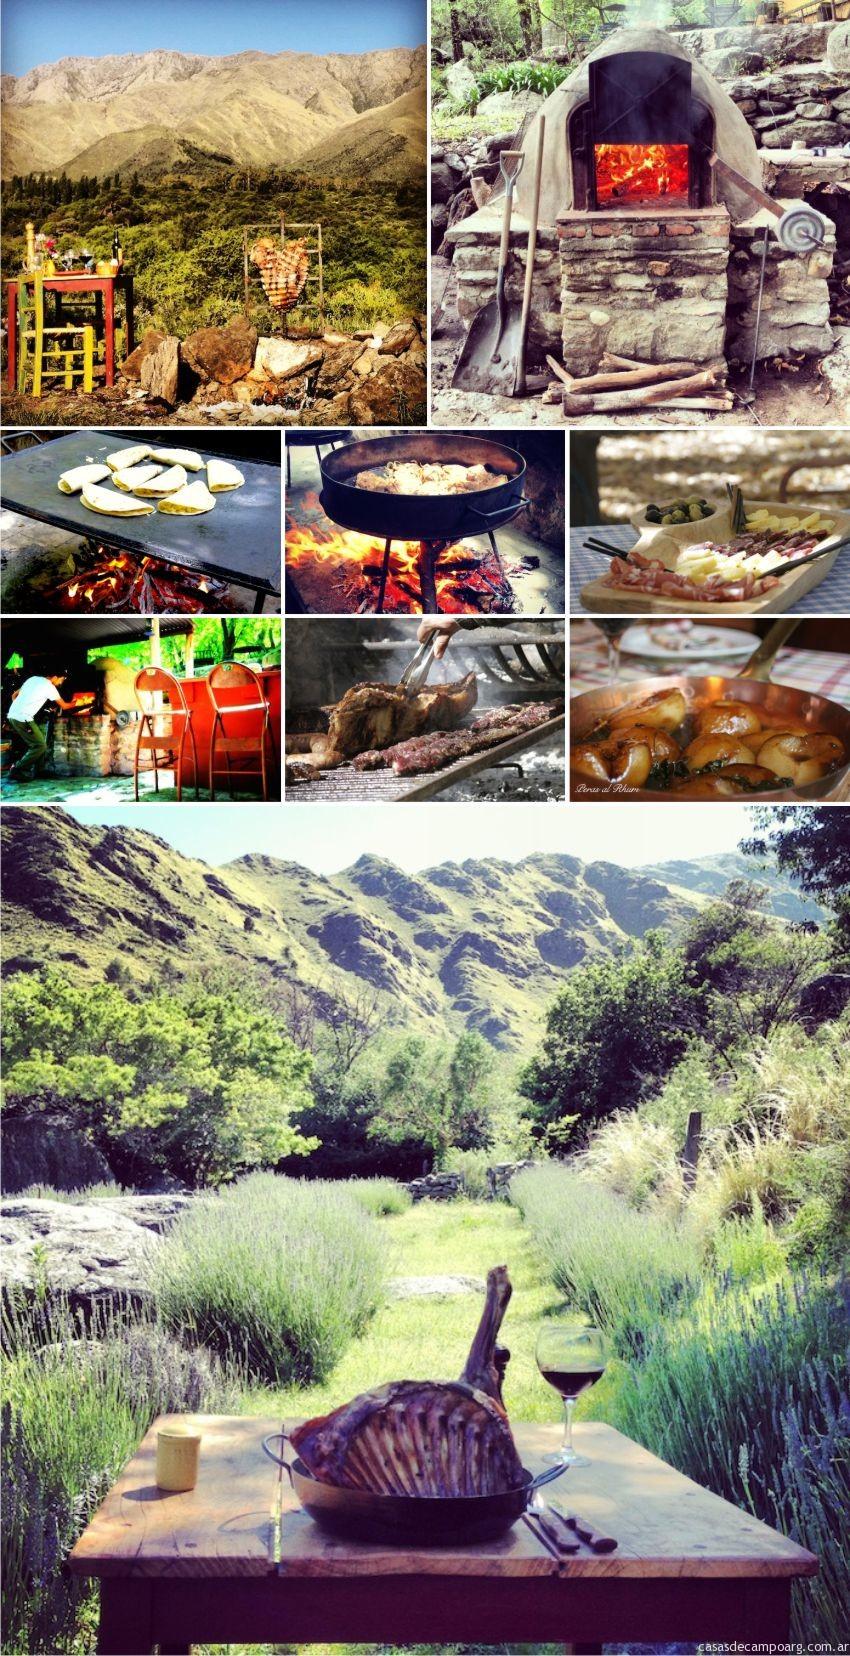 gastronomia_rural